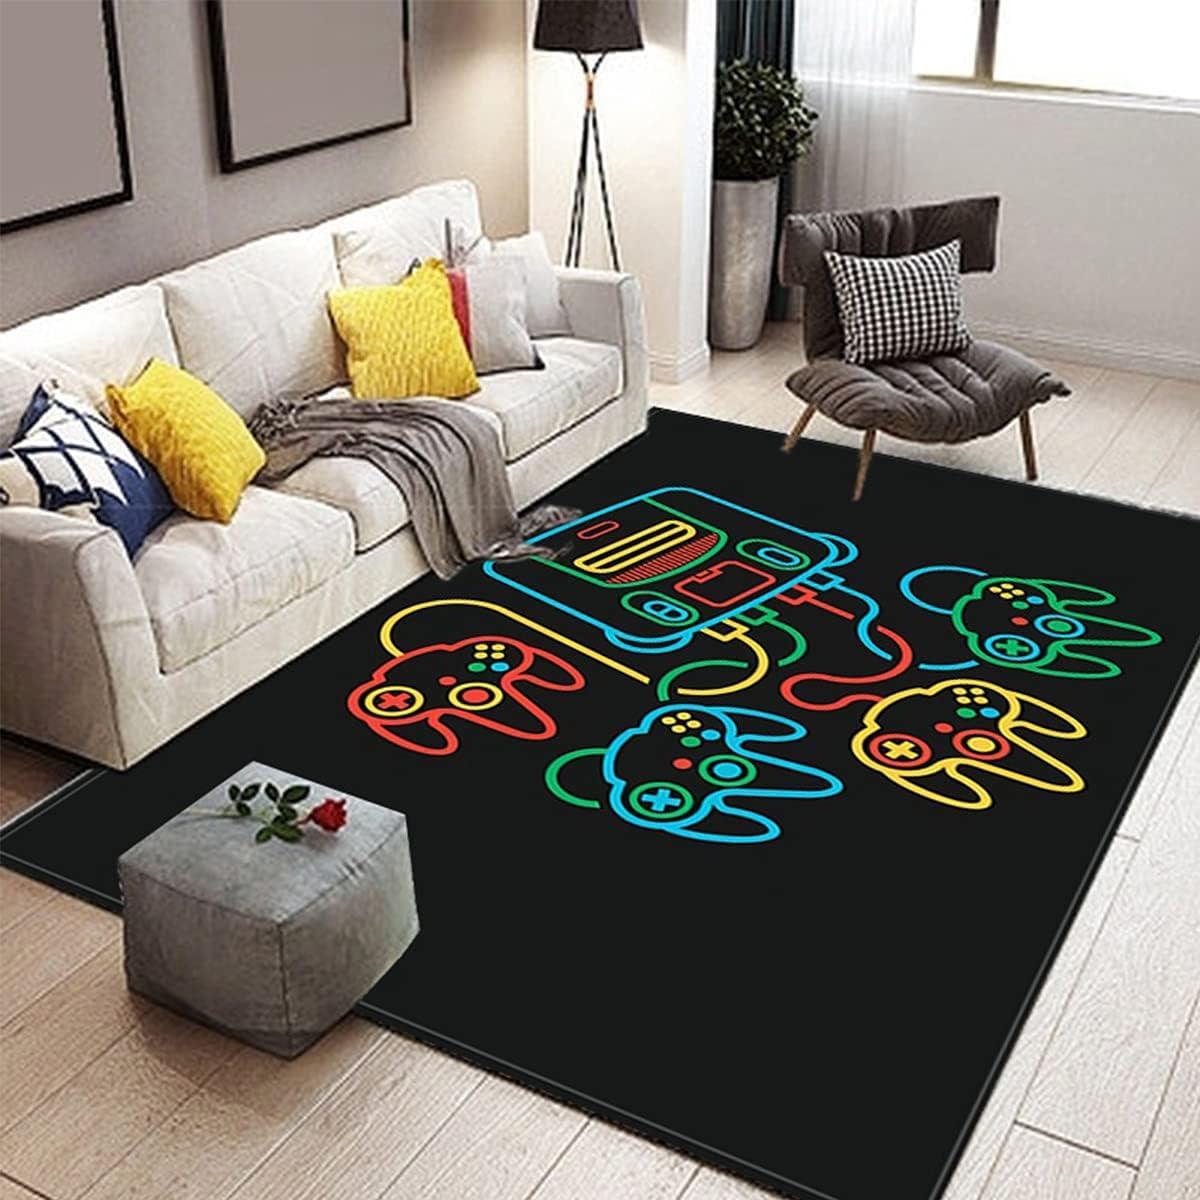 Xinwanhong Carpet Bedroom Decorative Cheap SALE Start Room overseas Living Mats Kids